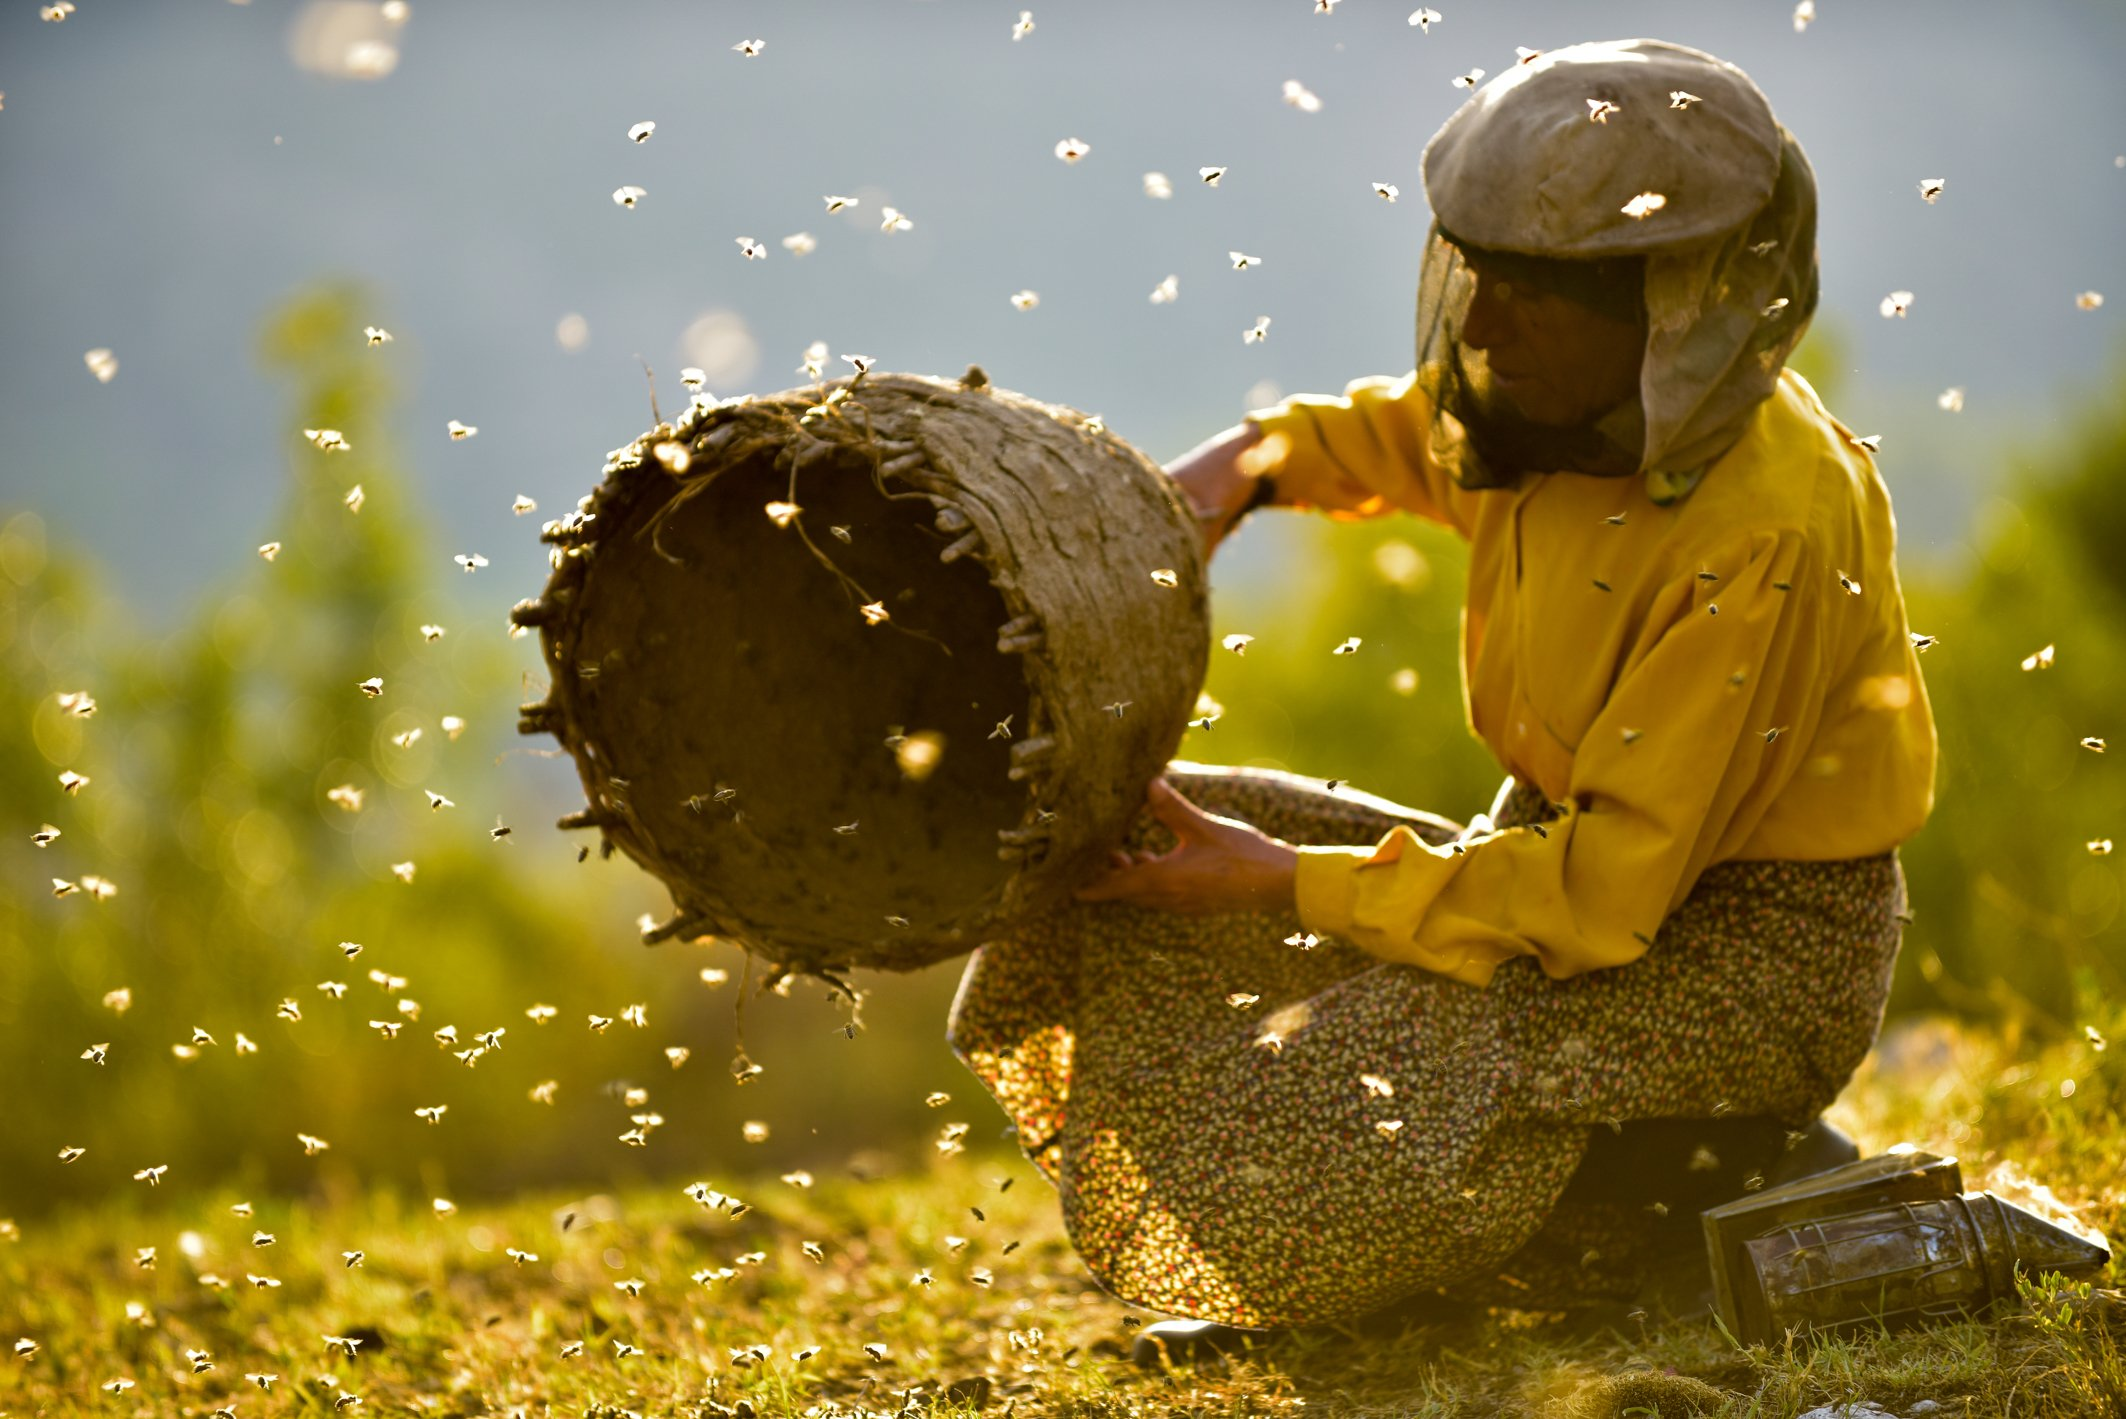 Filmoteca proyecta Honeyland, una historia sobre el frágil equilibrio entre la naturaleza y la humanidad